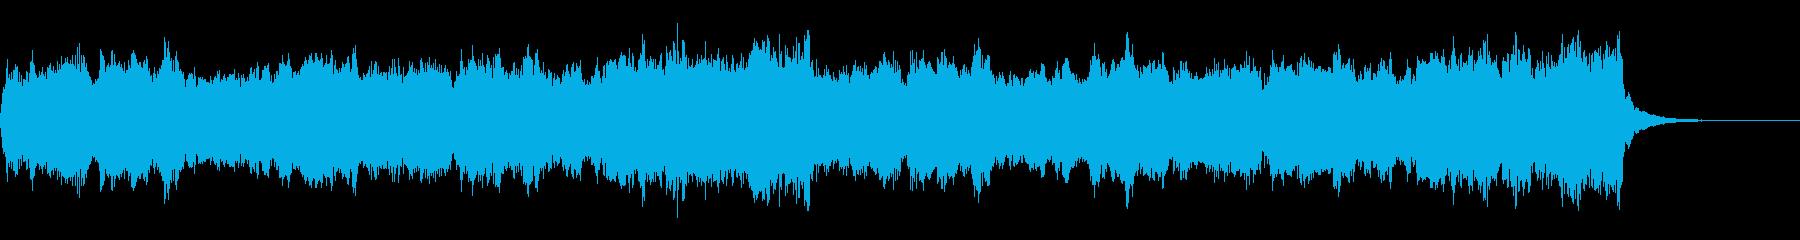 ハリウッド感動系ゆっくり壮大オーケストラの再生済みの波形